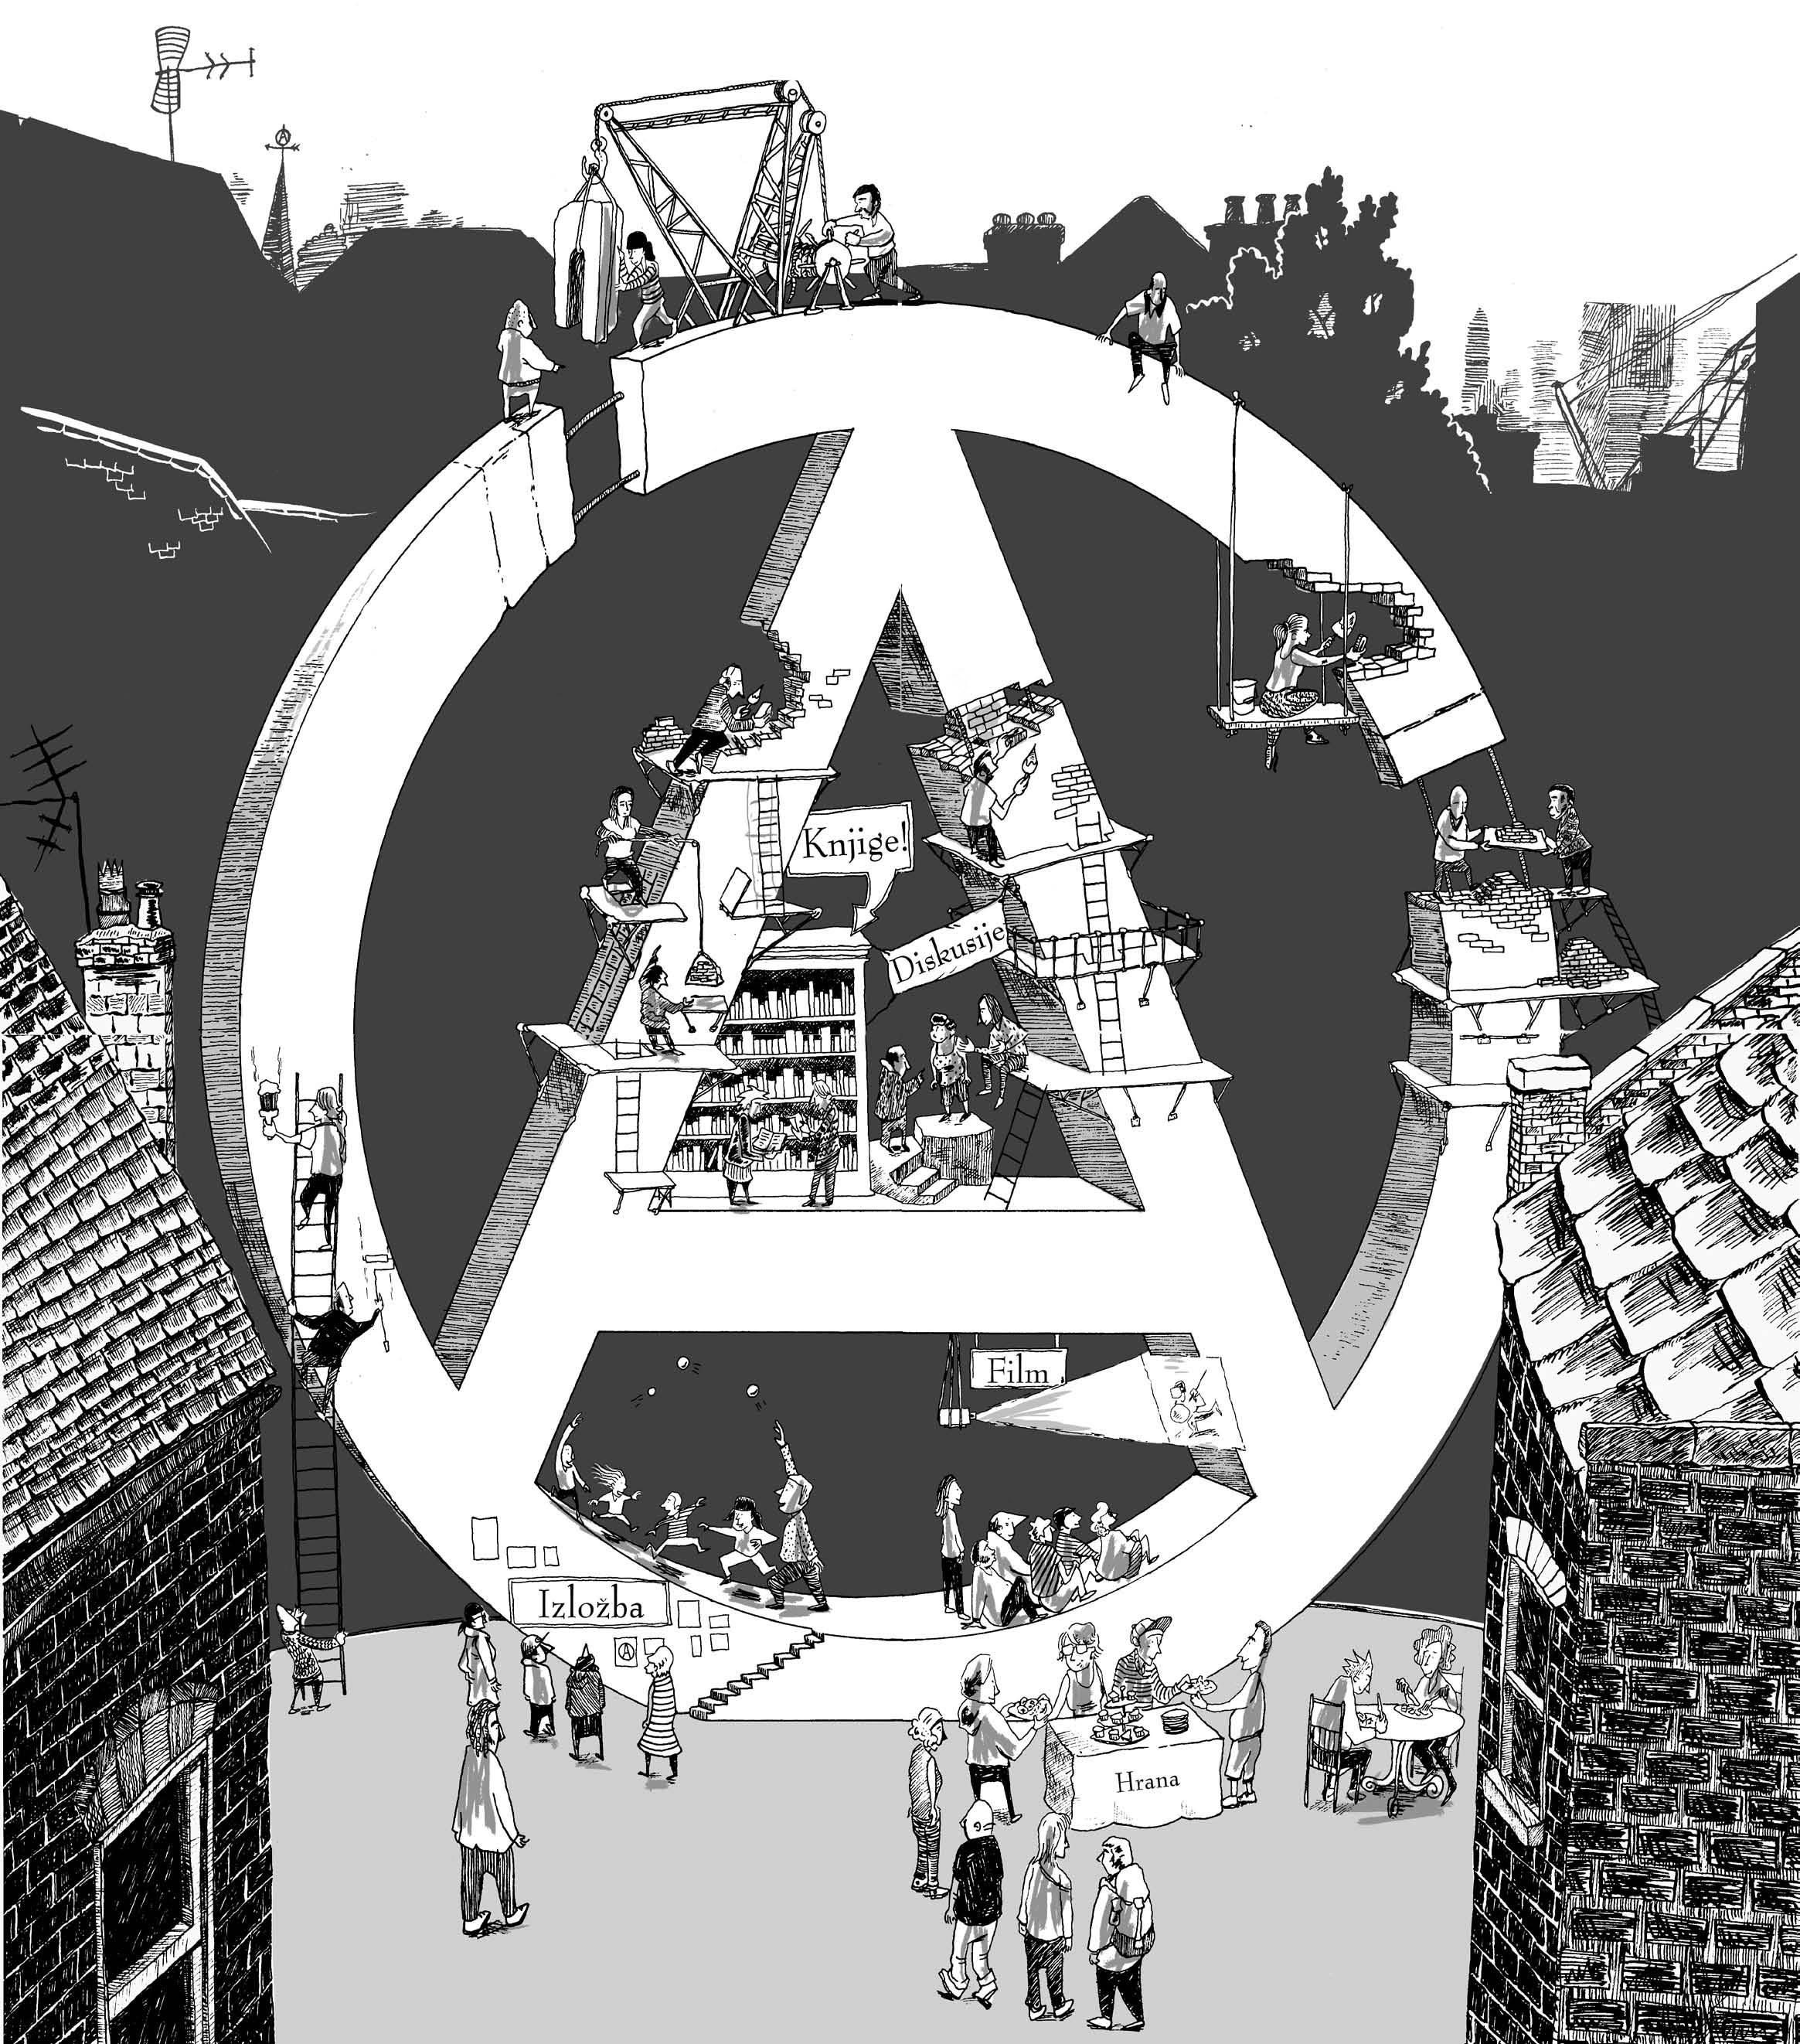 croatia zagreb anarchist bookfair 2018 contra info